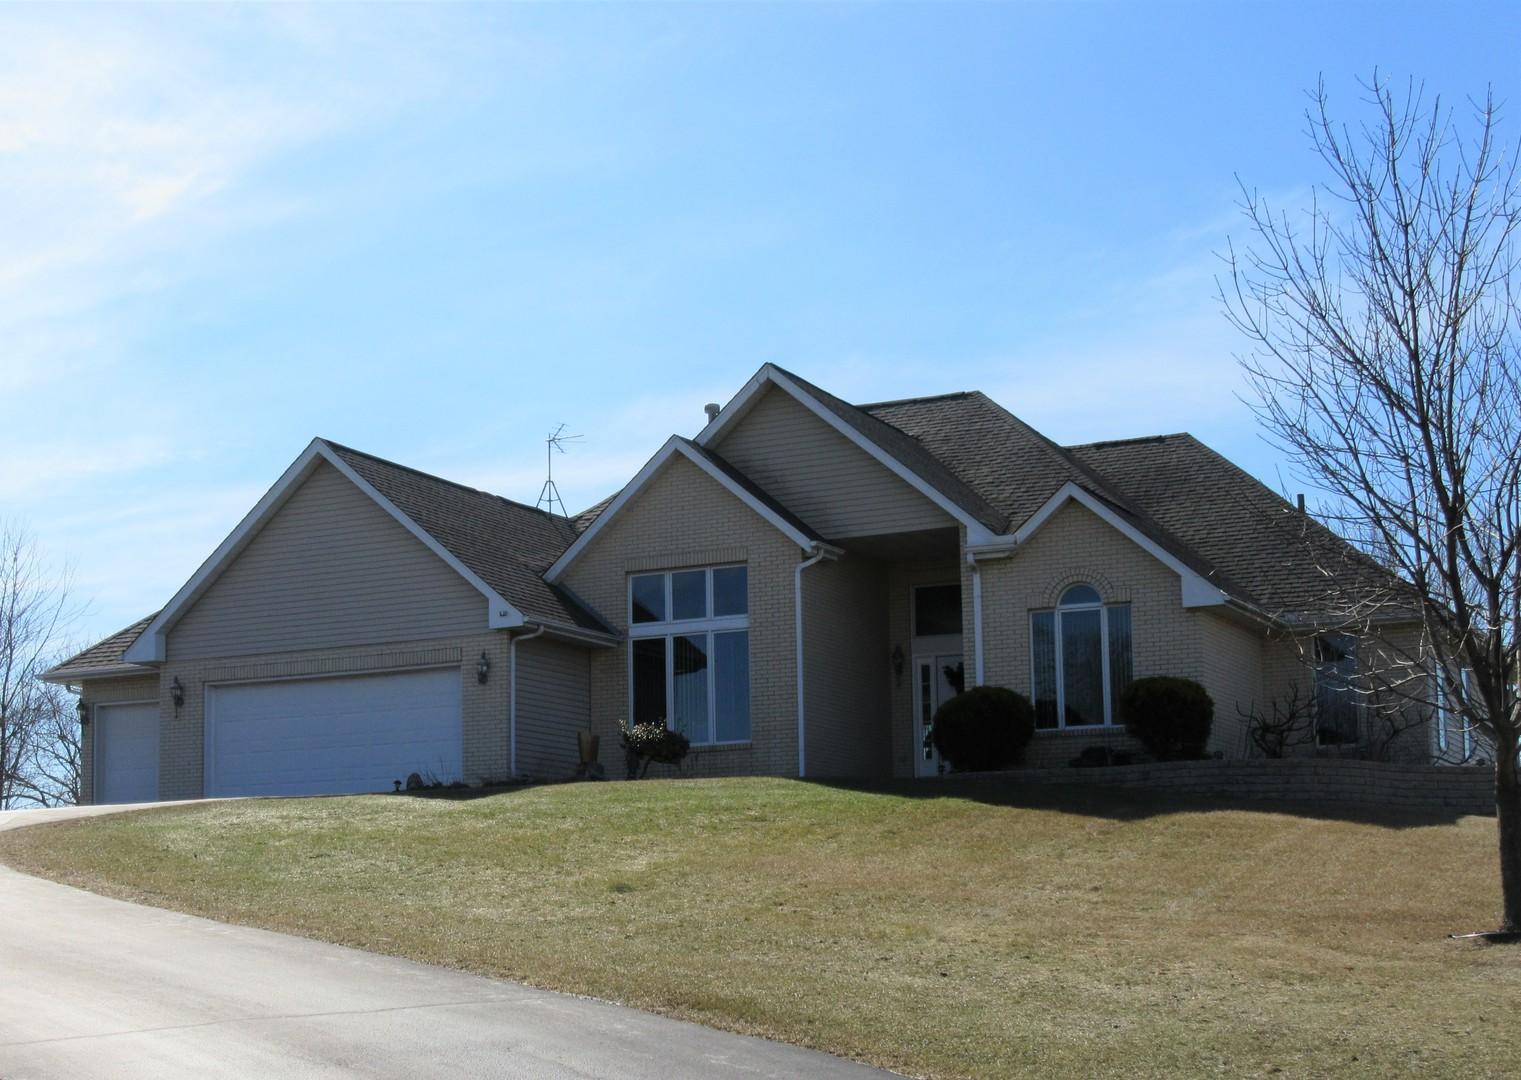 9227 Ridgeview ,Belvidere, Illinois 61008